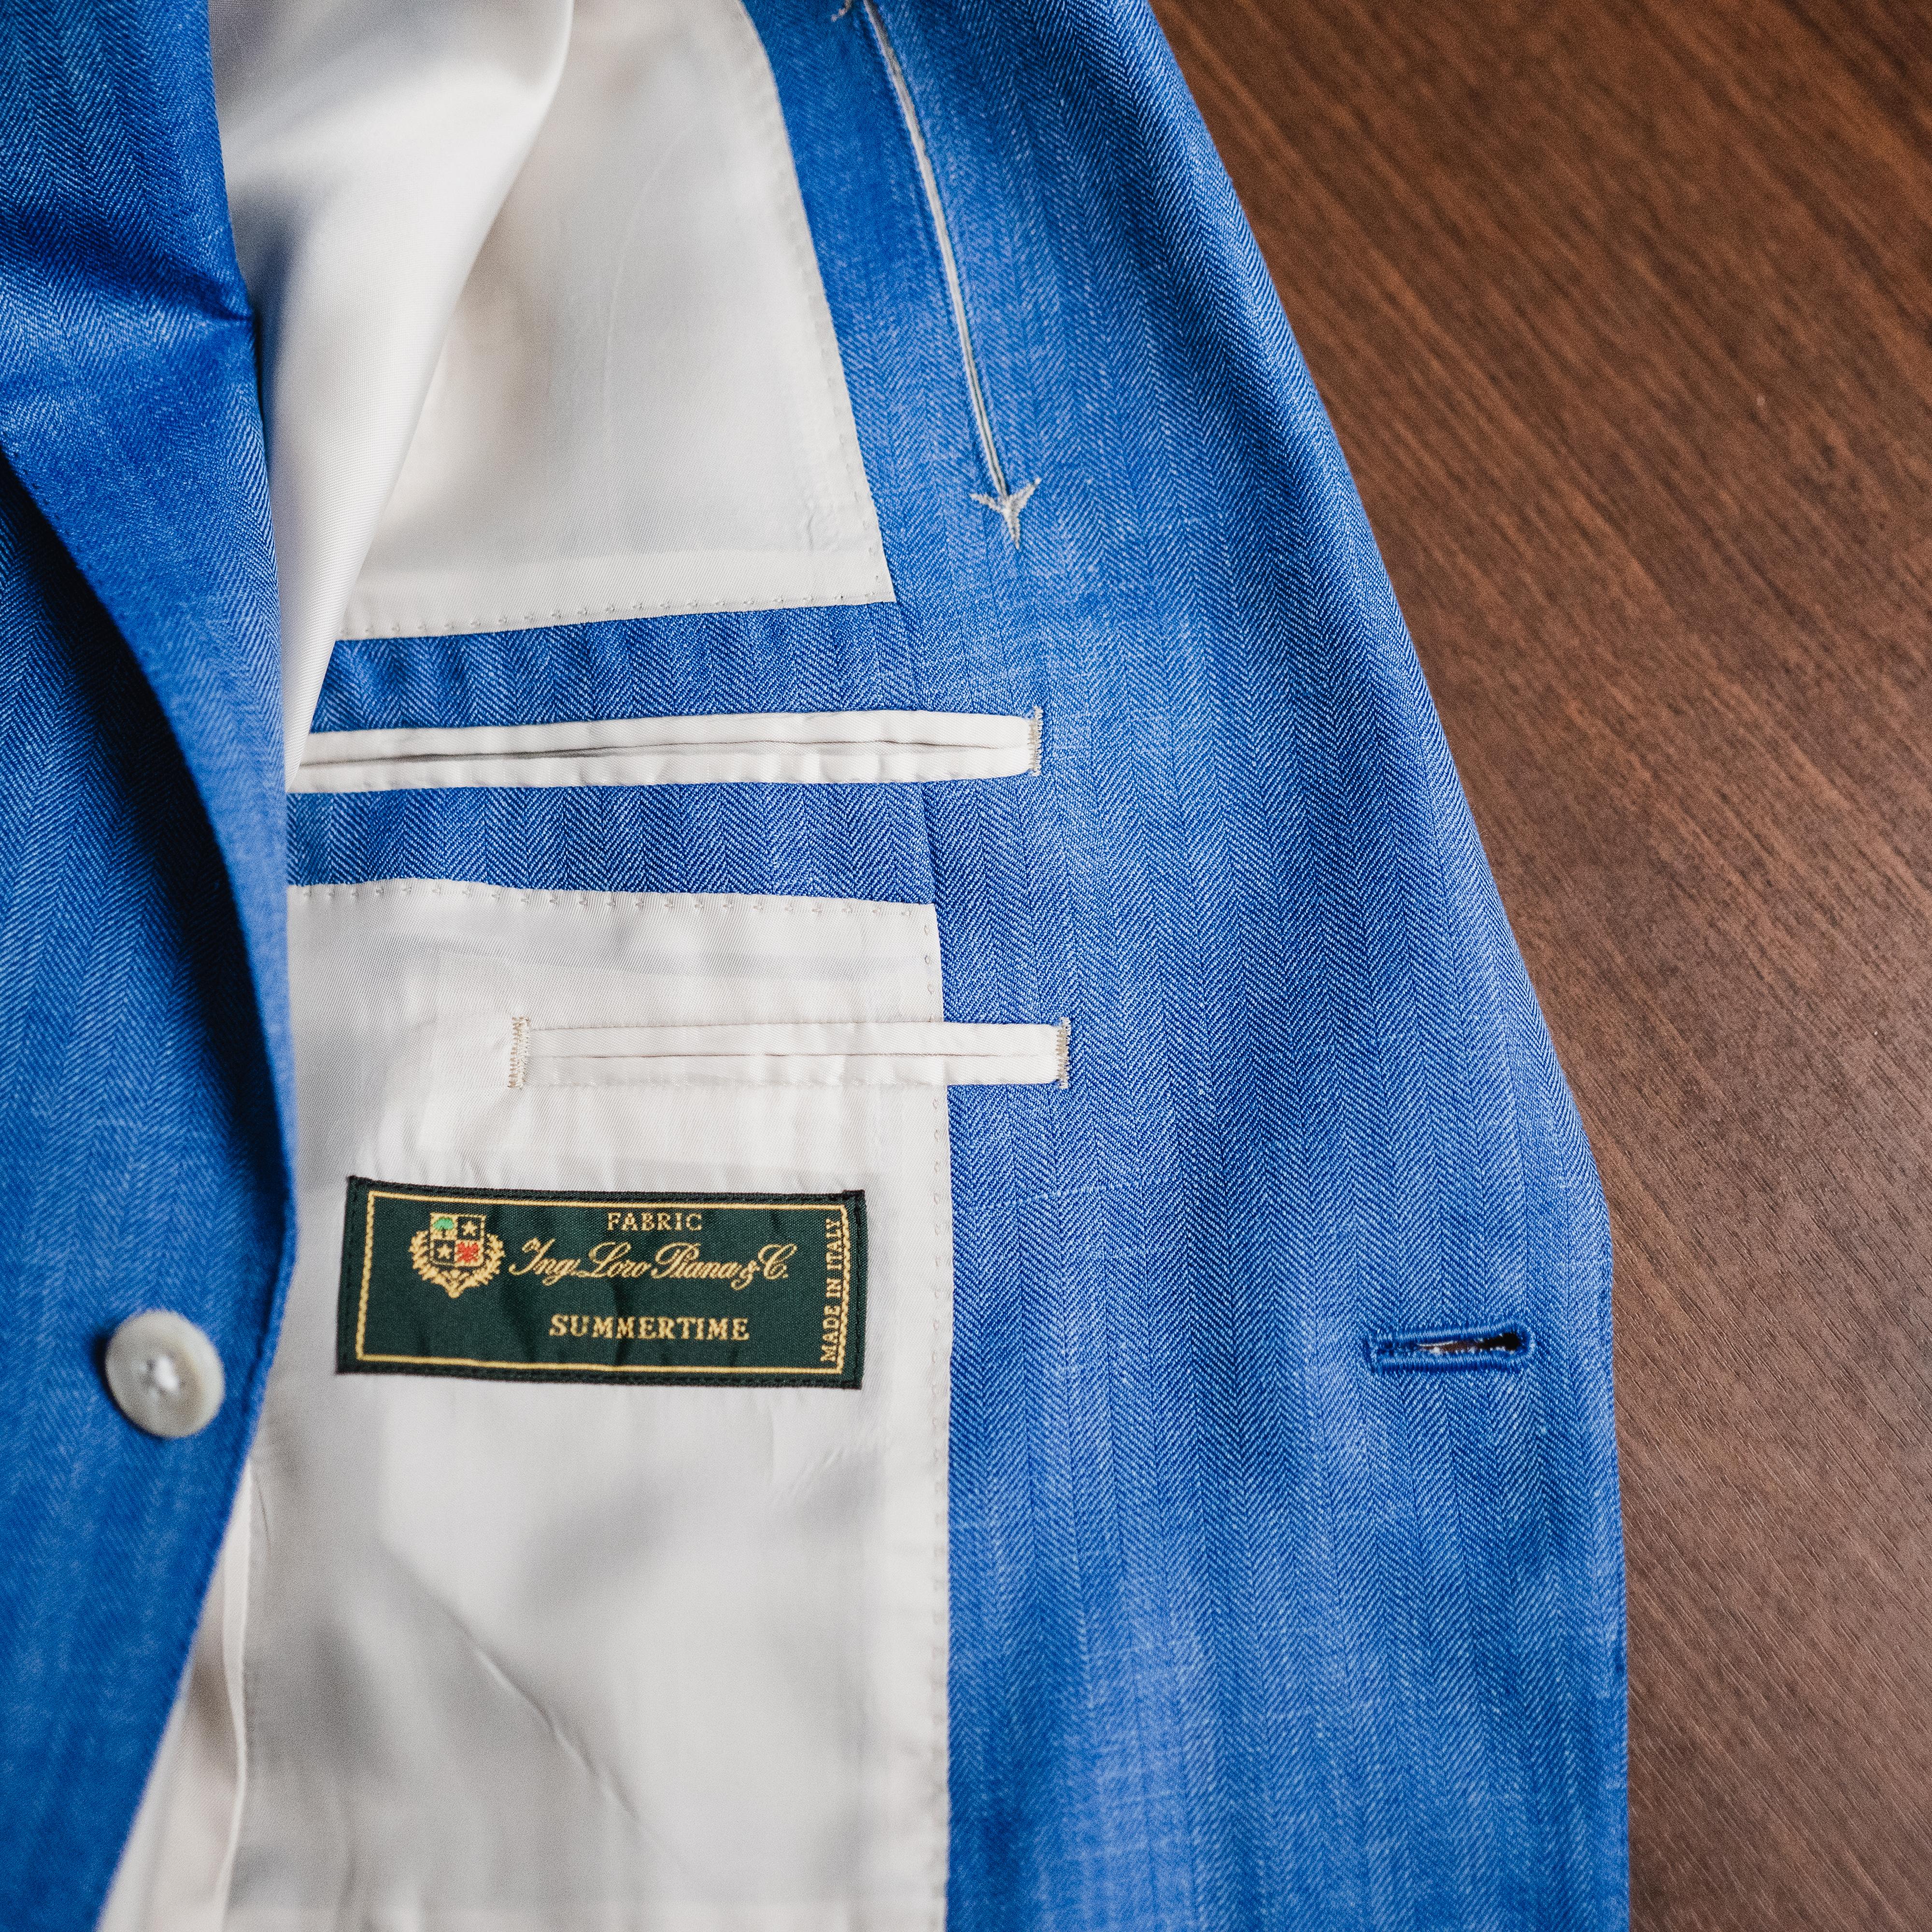 イタリア製高級ブランド、ロロピアーナの鮮やかなブルーのジャケット